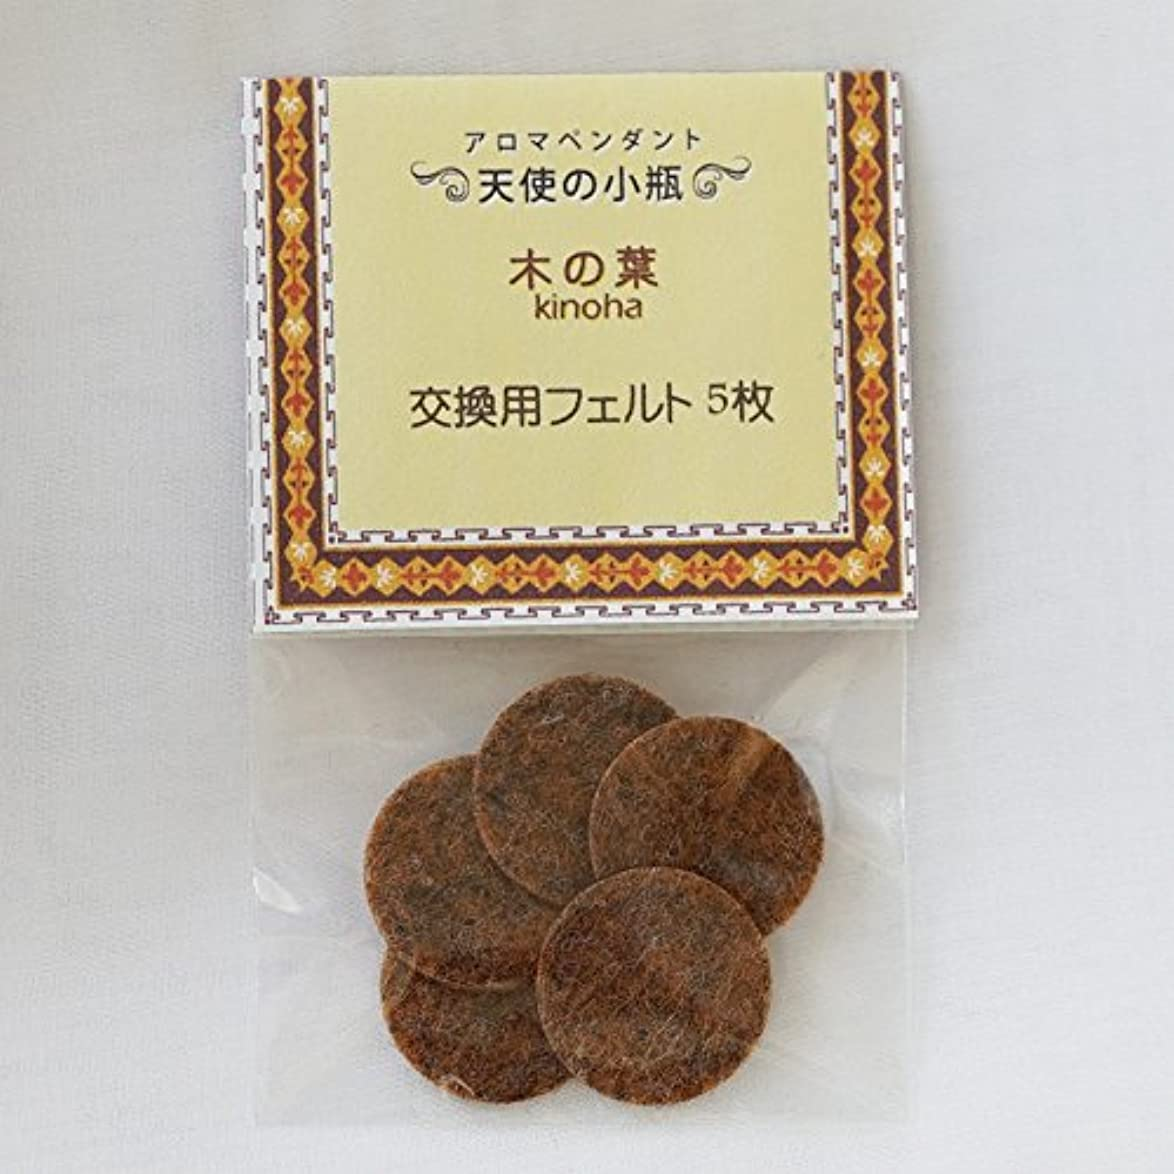 サバント加速度独裁者【天使の小瓶】 木の葉(ゴールド)交換用フェルト5枚